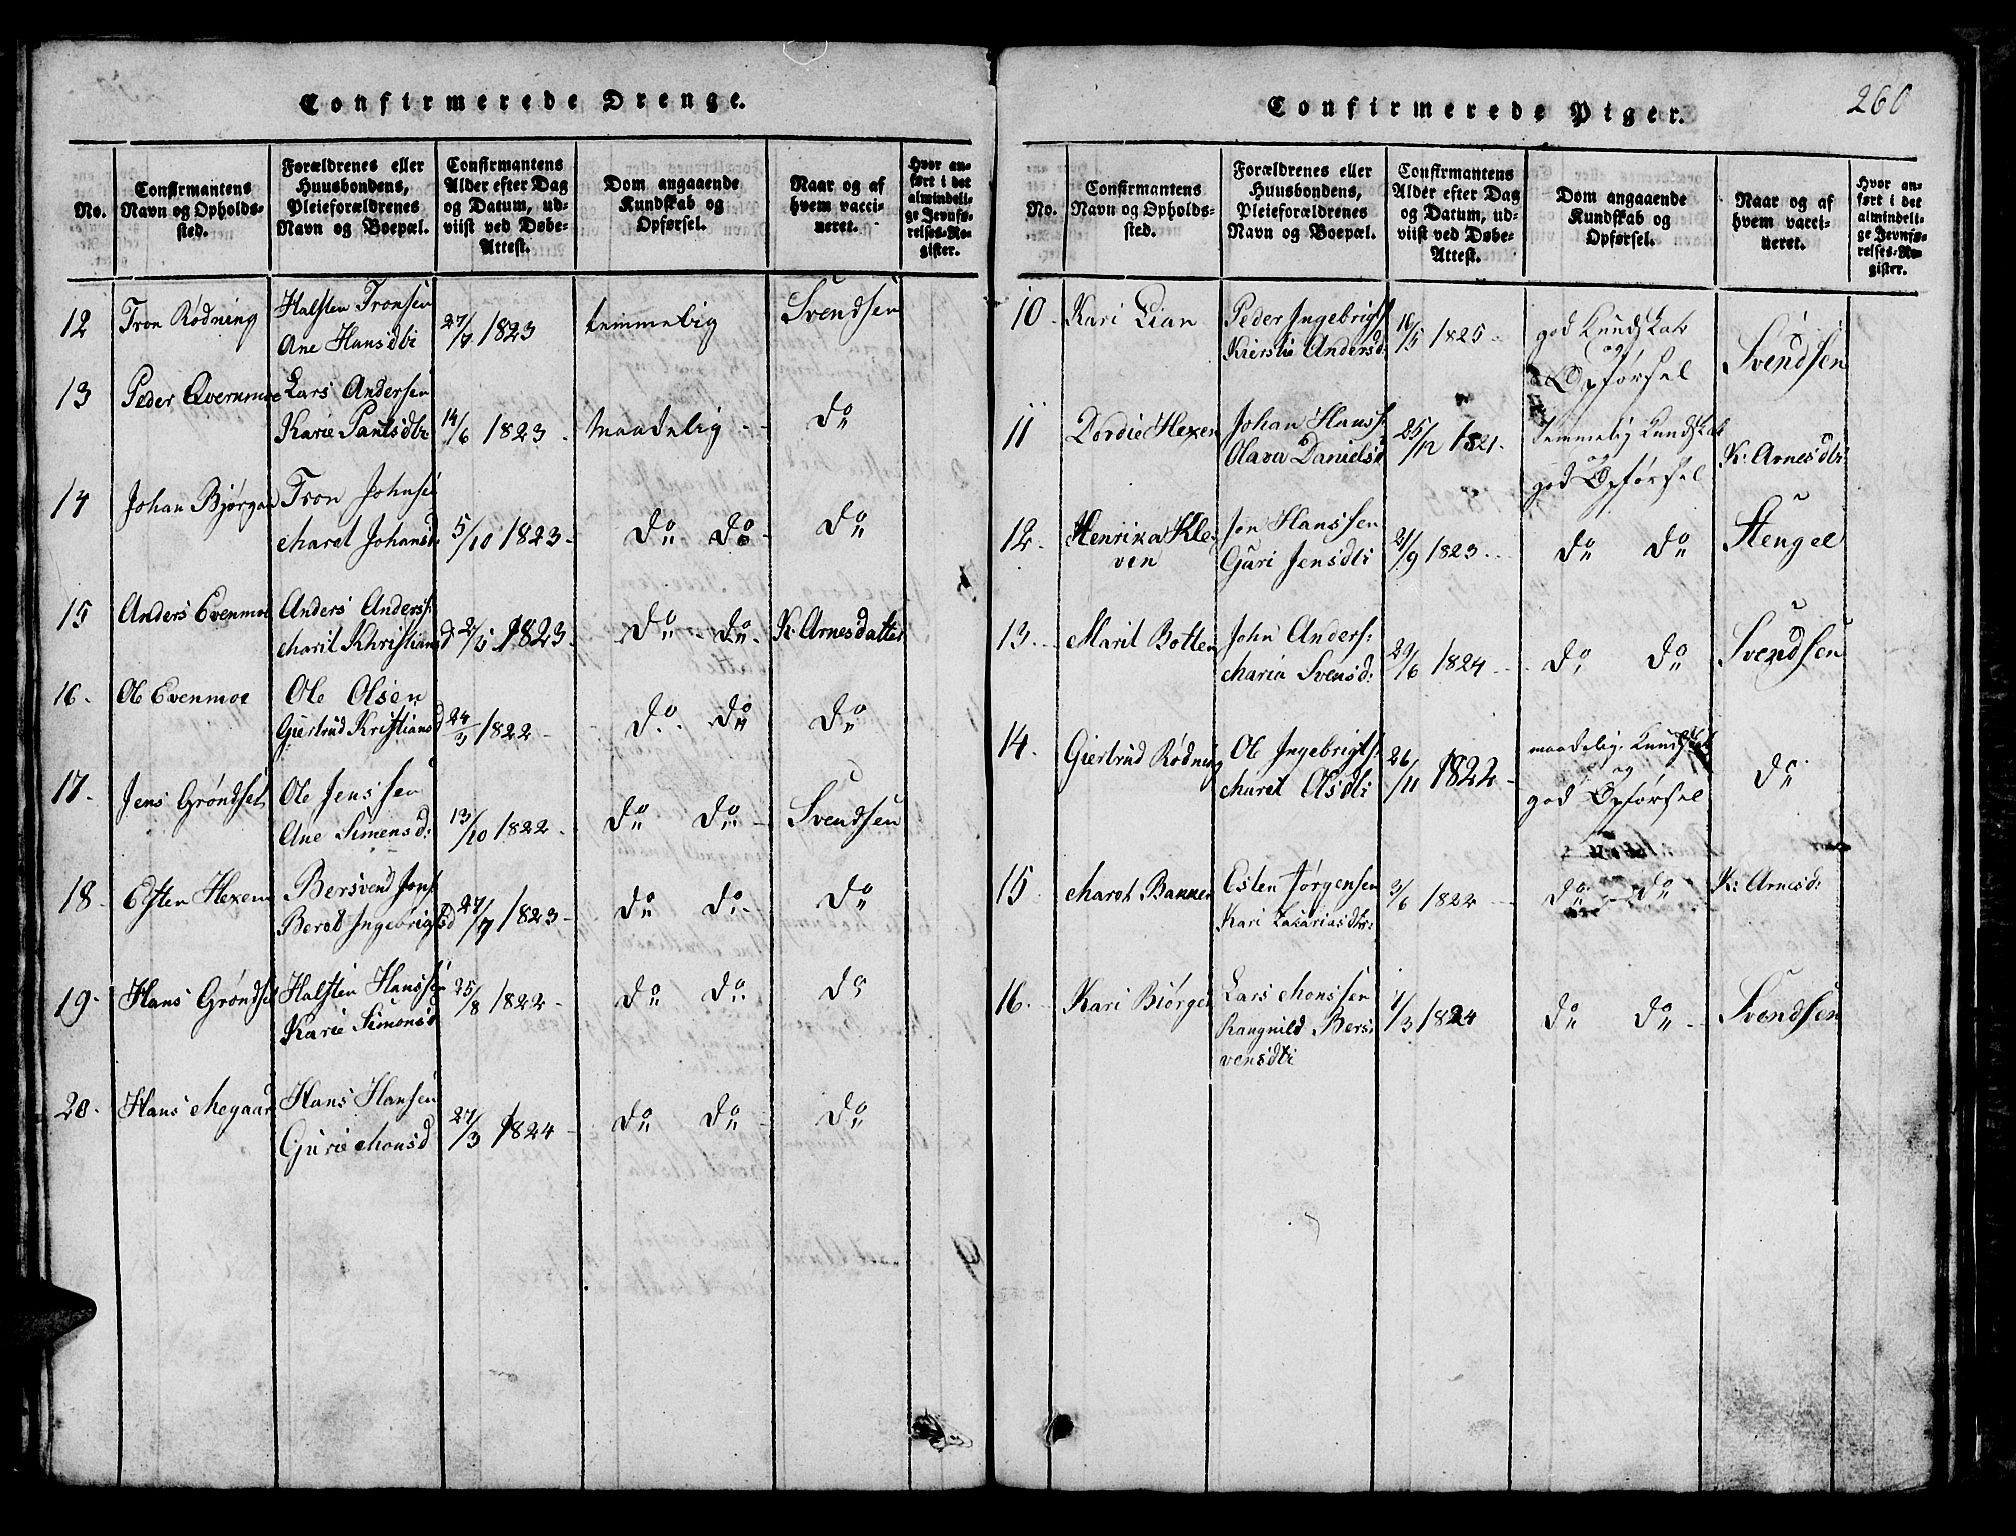 SAT, Ministerialprotokoller, klokkerbøker og fødselsregistre - Sør-Trøndelag, 685/L0976: Klokkerbok nr. 685C01, 1817-1878, s. 260